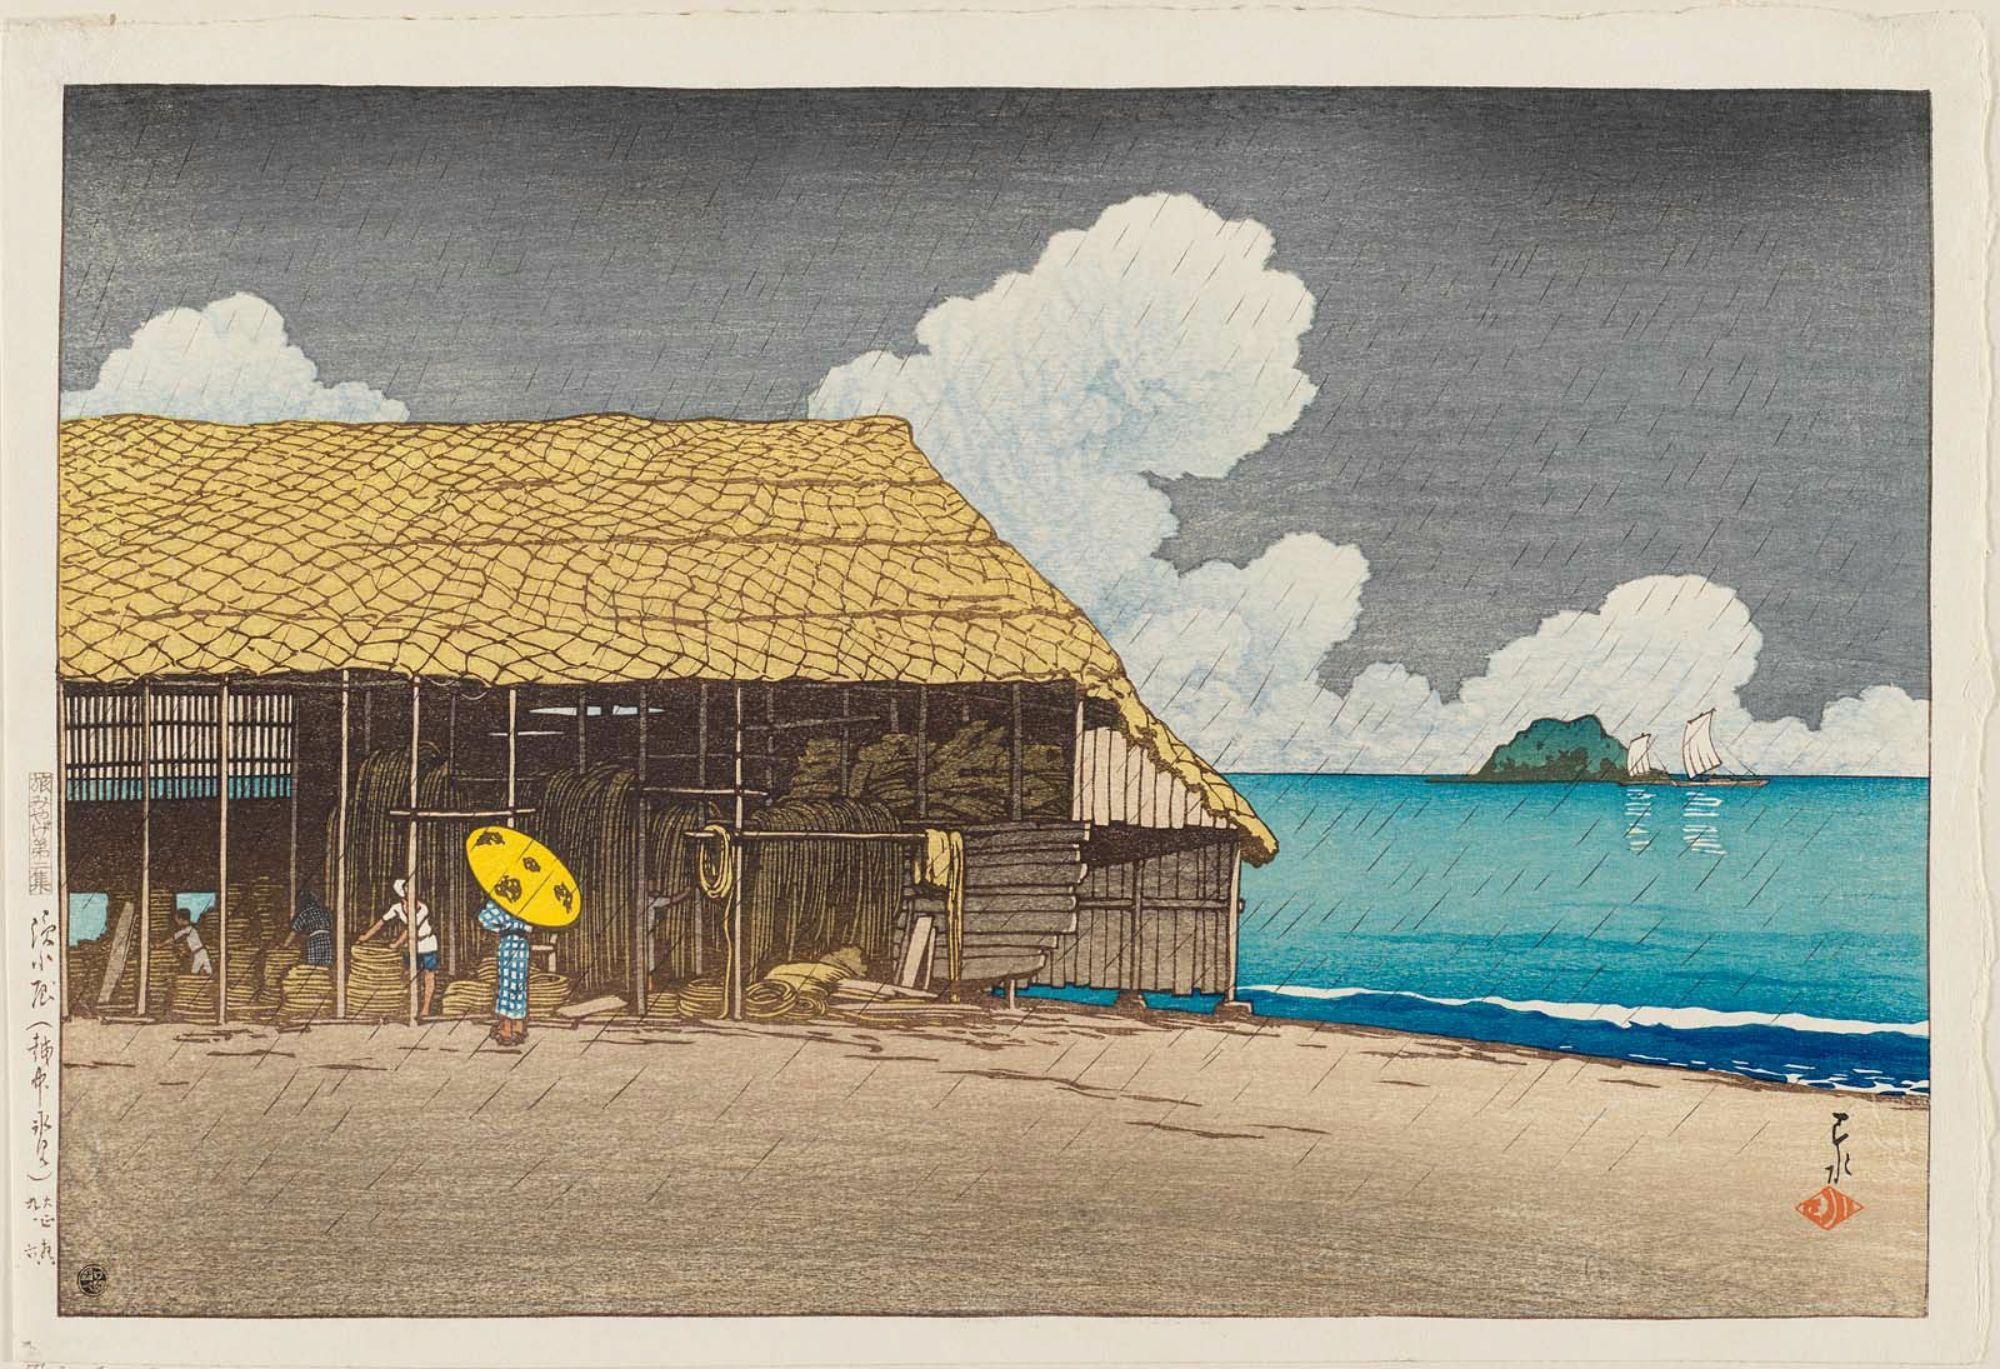 浜小屋(越中氷見) はまこや(えっちゅう ひみ) Beach Shed at Himi in Ecchuu Province. 川瀬巴水 かわせはすい Kawase Hasui. 旅みやげ第二集  From series Souvenirs of Travel II.